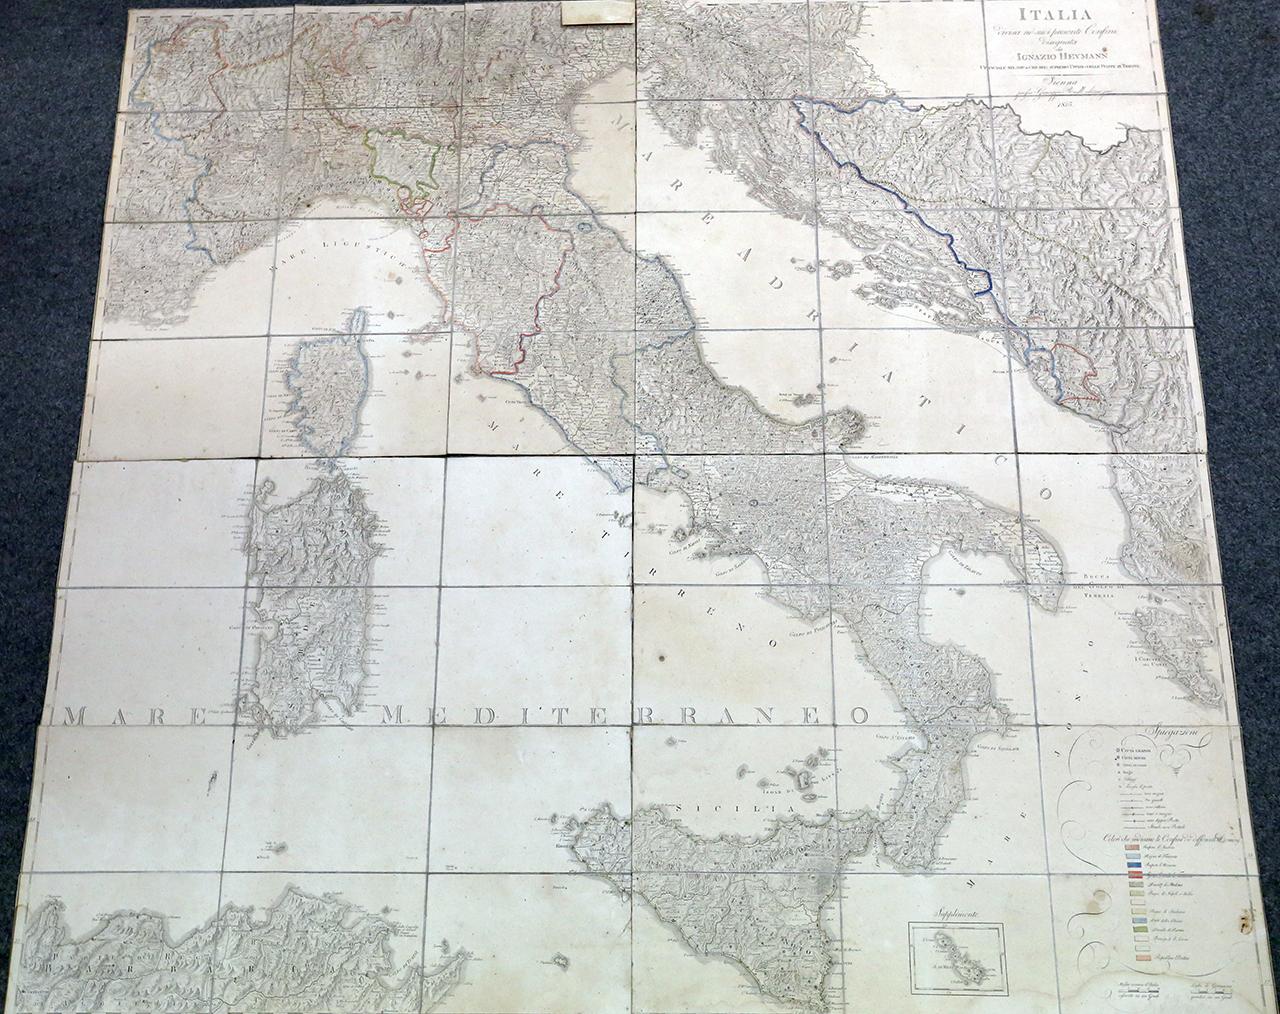 Cartina Dell Italia Marche.Pink Floyd E Il Mistero Della Mappa Il Cartografo Non L Hanno Scelta A Caso Vi Dico Perche Cronache Maceratesi